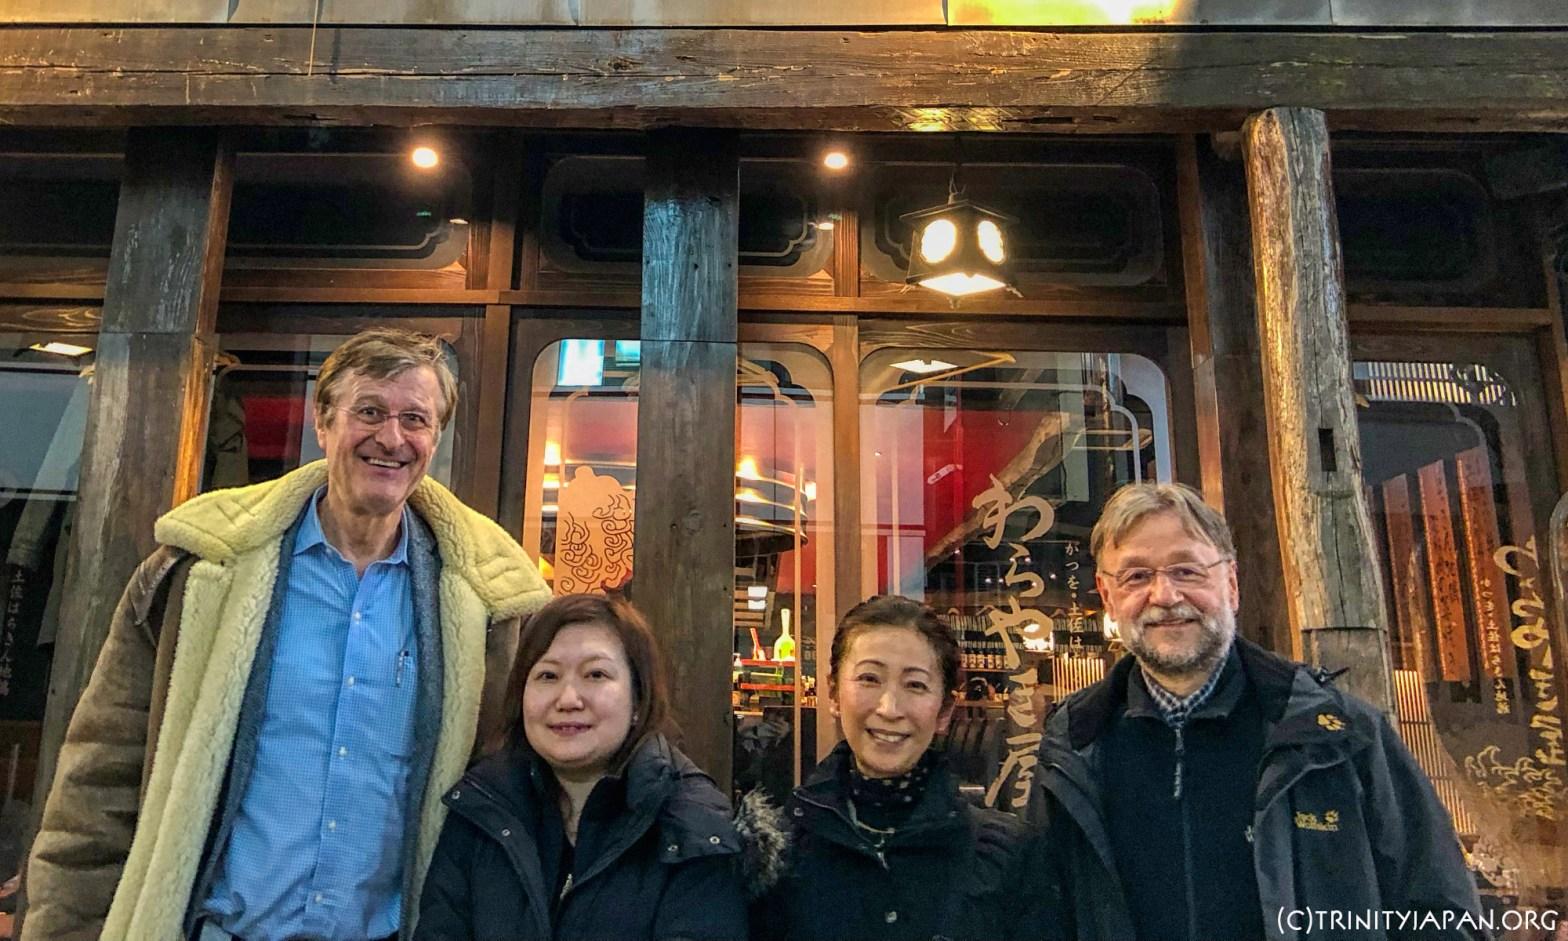 Informal Trinity bonenkai year end meeting Tuesday 25 December 2018 at 7pm in Tokyo